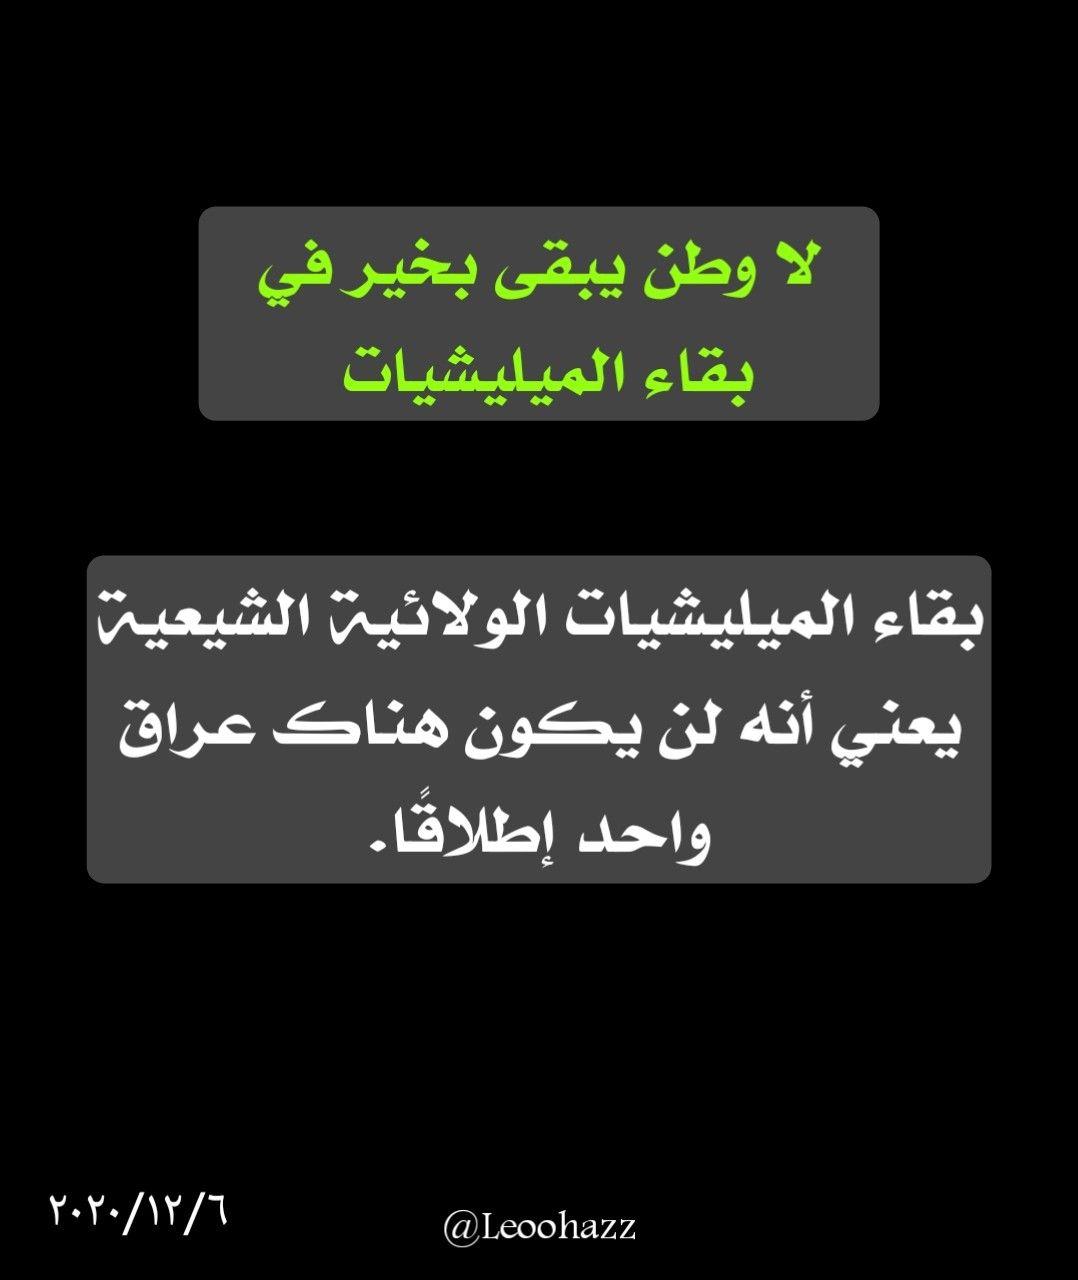 لا وطن يبقى بخير في بقاء الميليشيات Lockscreen Lockscreen Screenshot